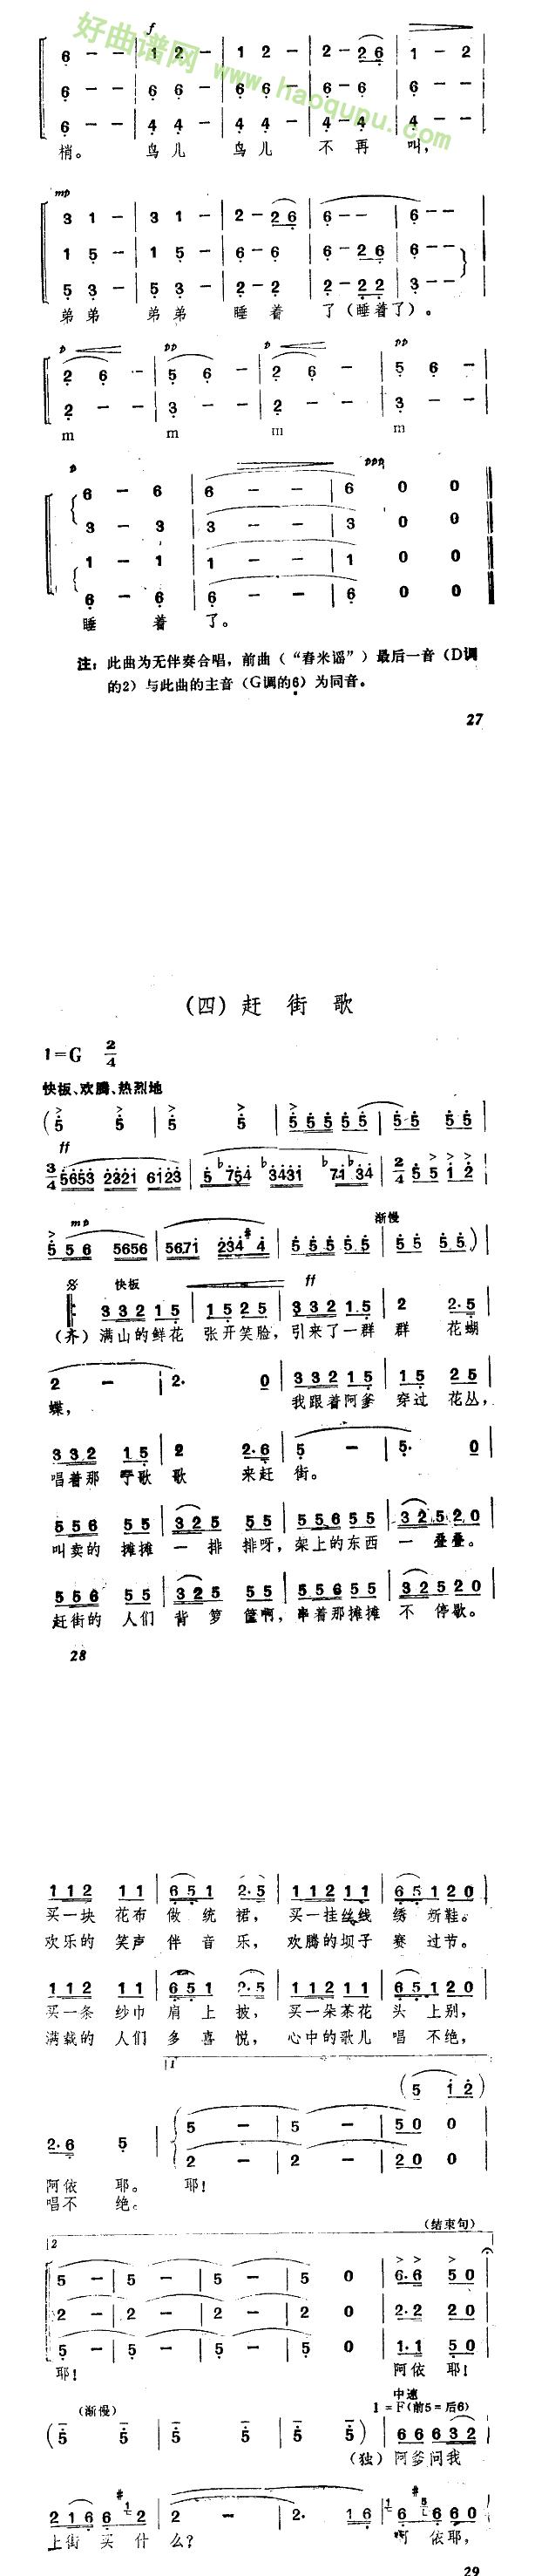 《景颇童谣》(童声合唱套曲)(简谱)合唱谱第6张